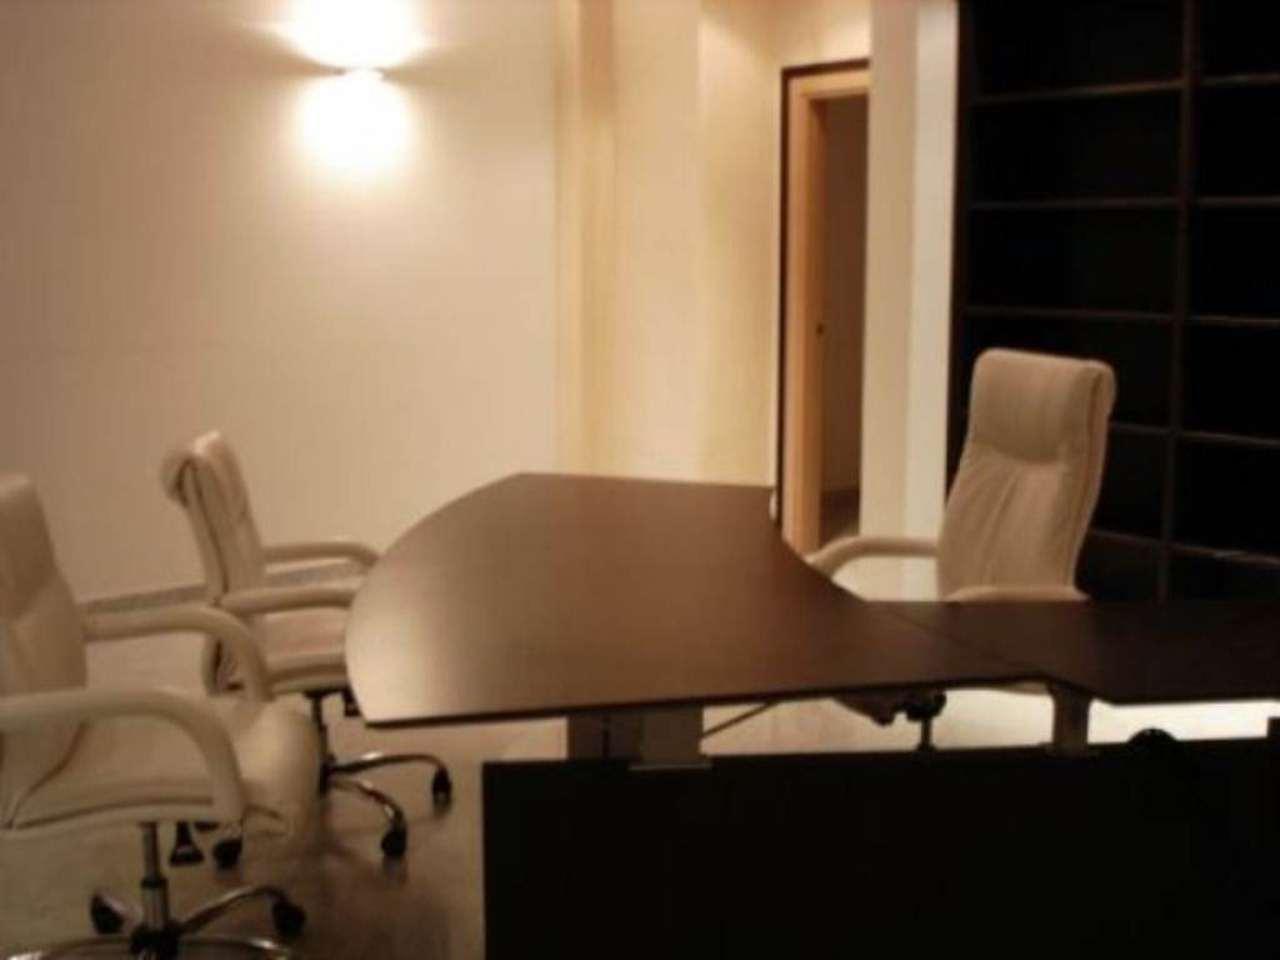 Ufficio / Studio in affitto a Cusano Milanino, 6 locali, prezzo € 3.000   CambioCasa.it